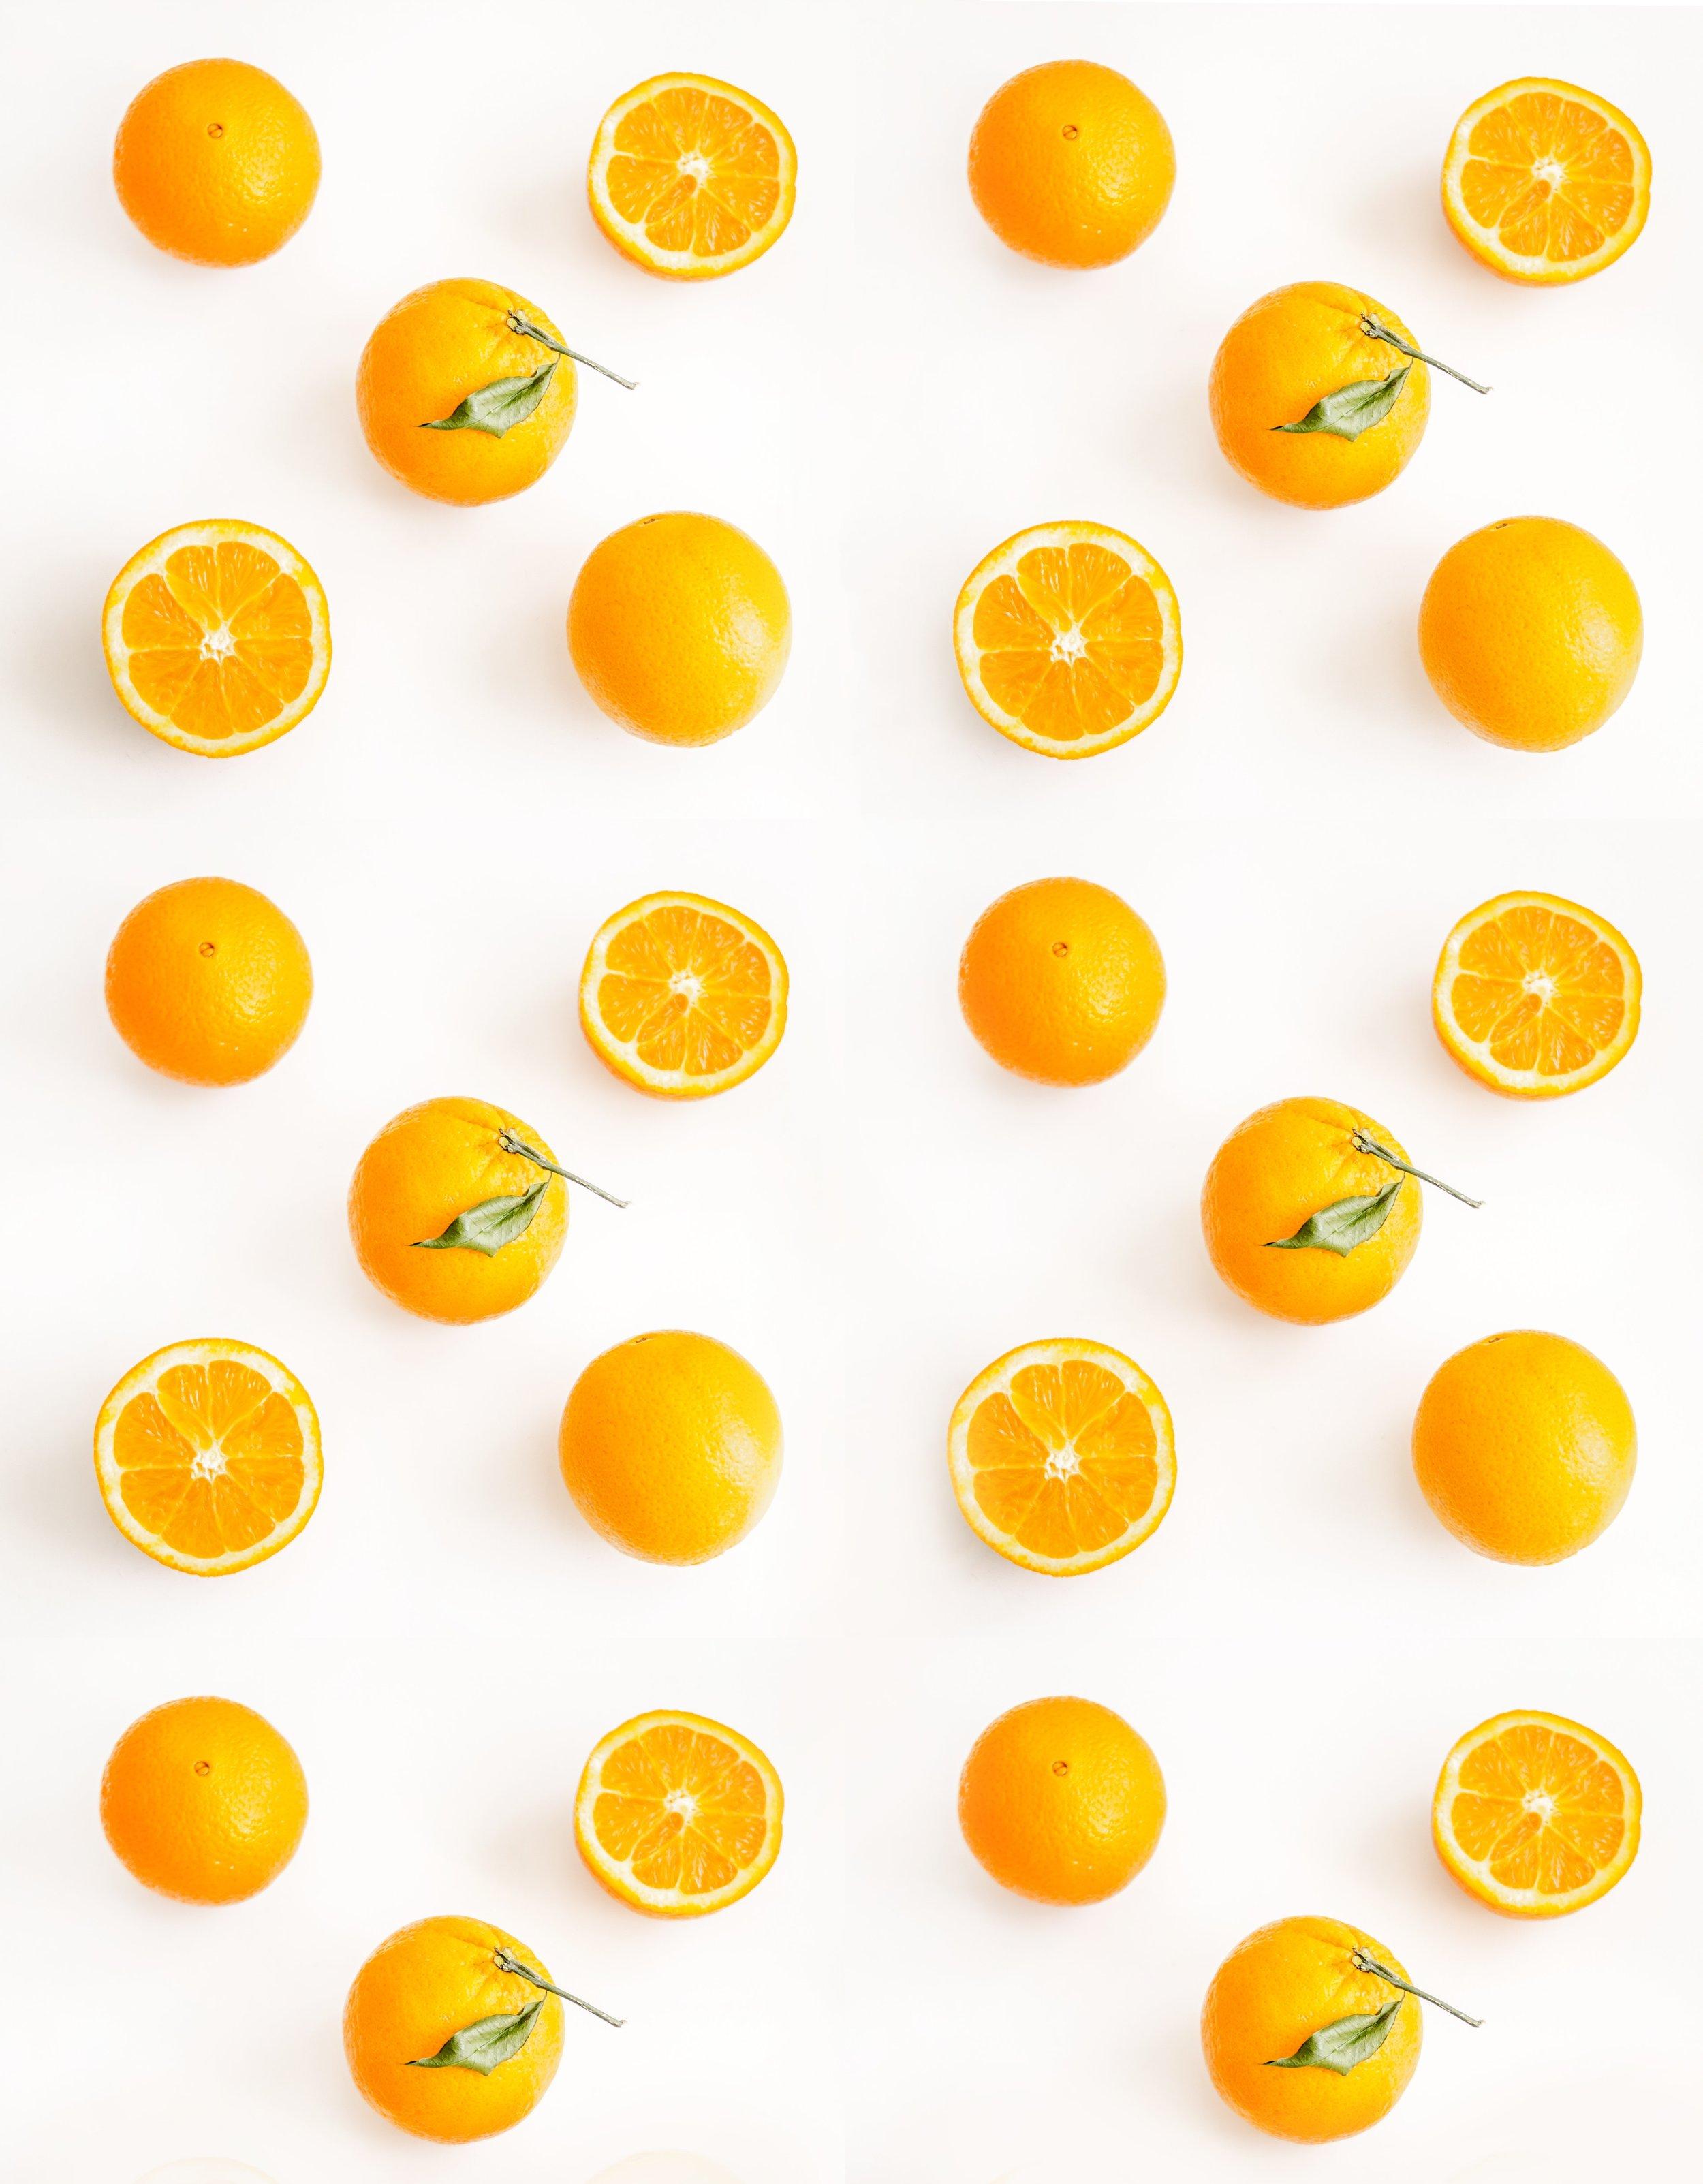 appelsien-vitamine-c